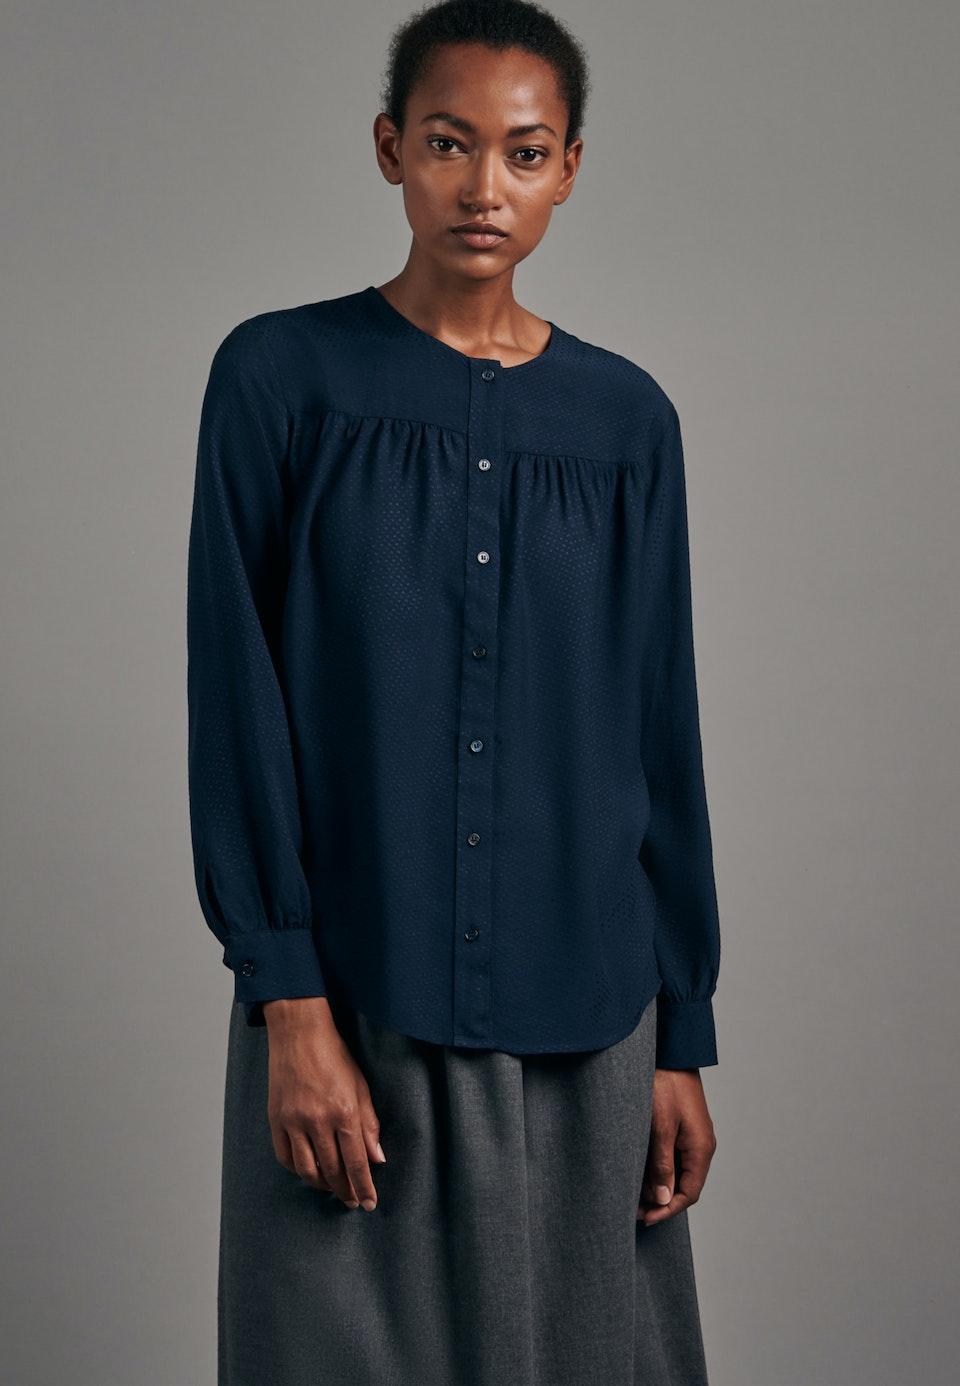 Jacquard Shirtbluse aus 100% Viskose in Dunkelblau |  Seidensticker Onlineshop